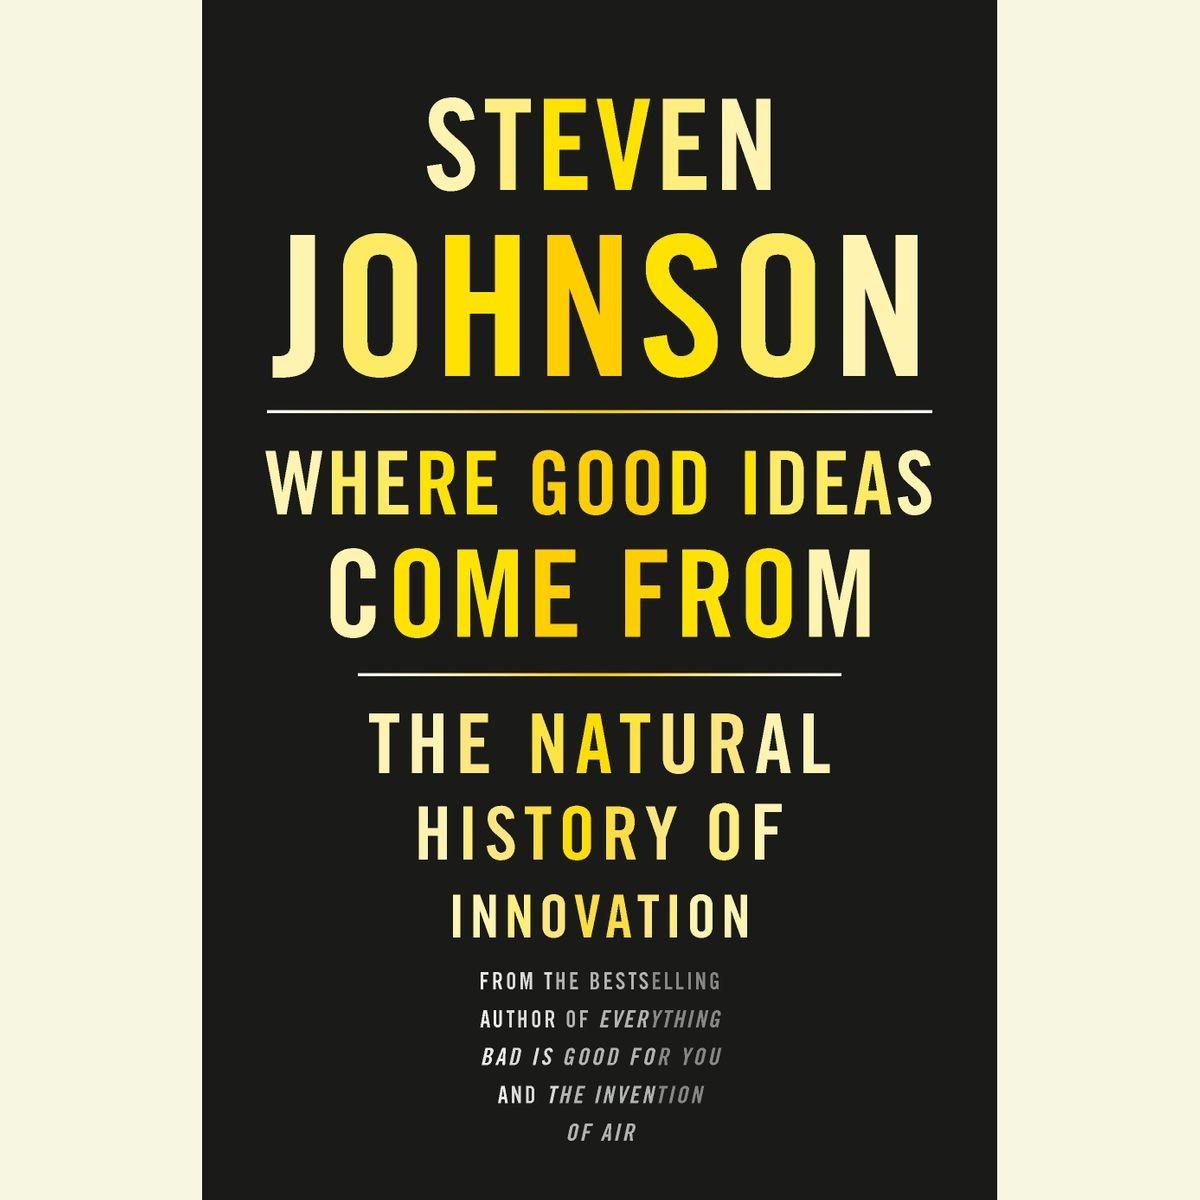 Откуда берутся хорошие идеи. Конспект книги Стивена Джонсона